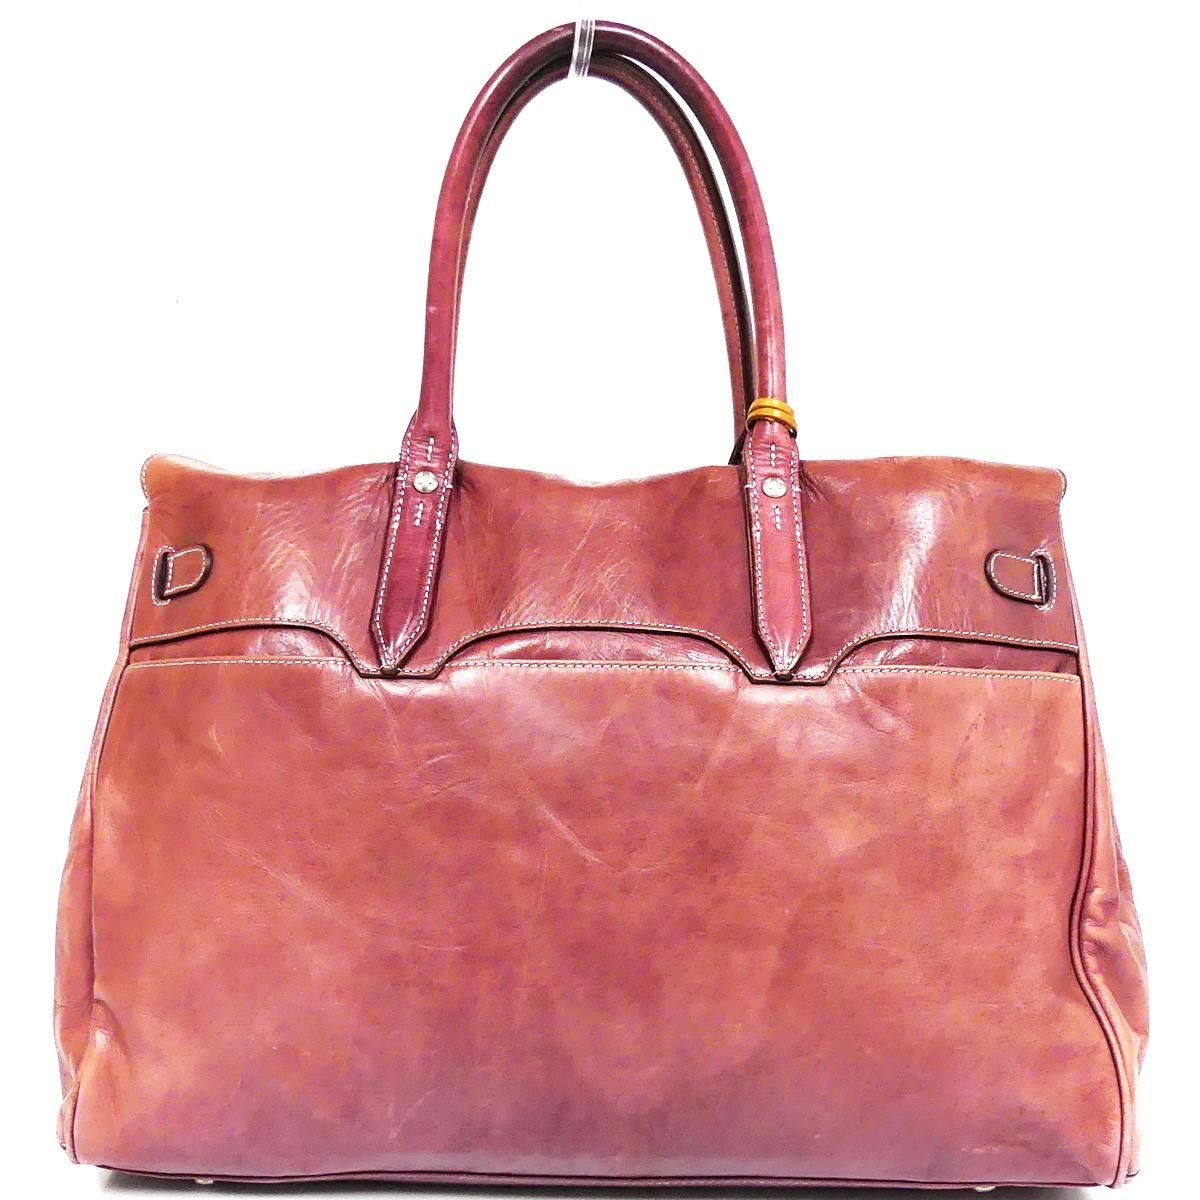 即決★aniary★レザーハンドバッグ アニアリ メンズ 赤 紫 本革 トートバッグ 本皮 かばん 鞄 レディース 手提げバッグ_画像3